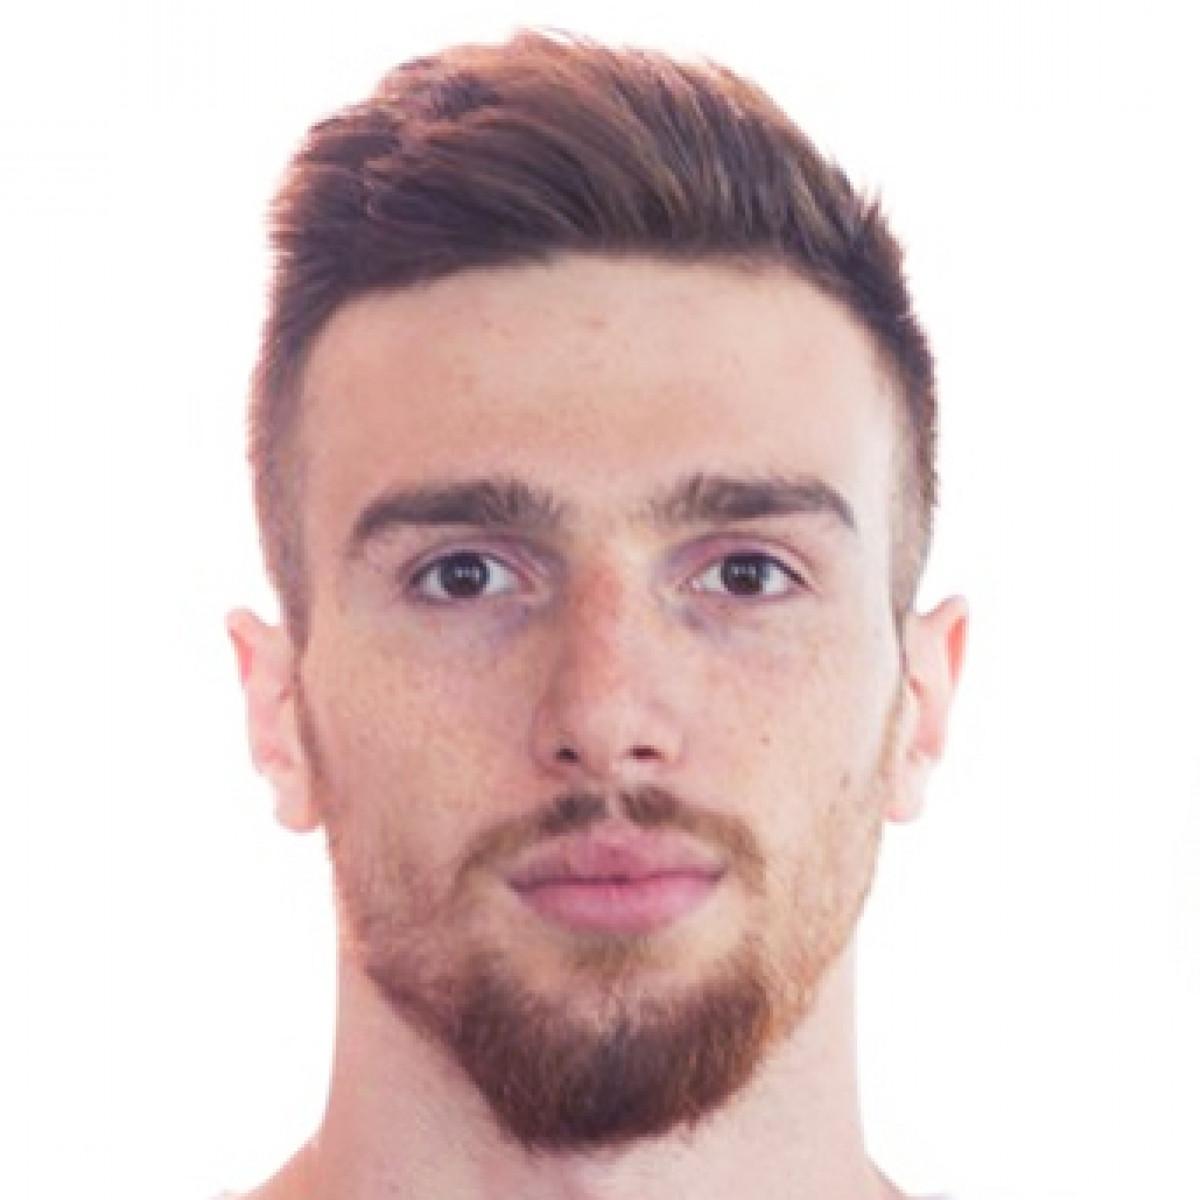 Nikoloz Metskhvarishvili